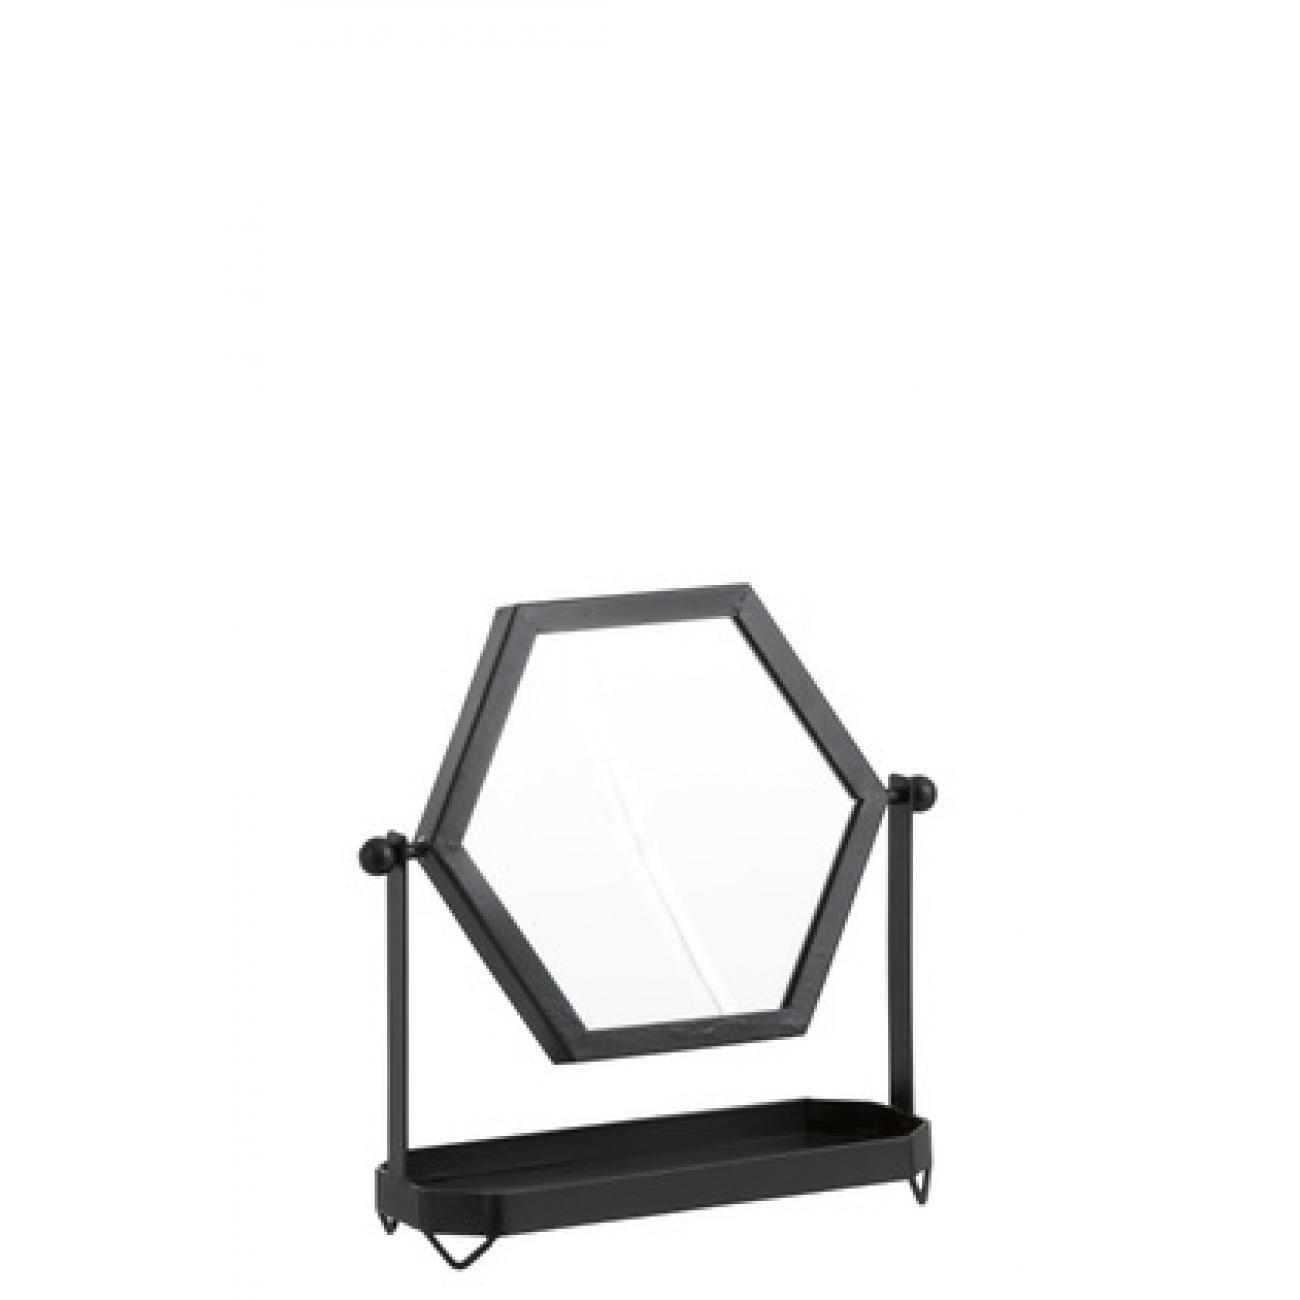 Зеркало J-LINE фигурное настольное в металлической раме на ножках с полочкой черное 30х29 см Бельгия